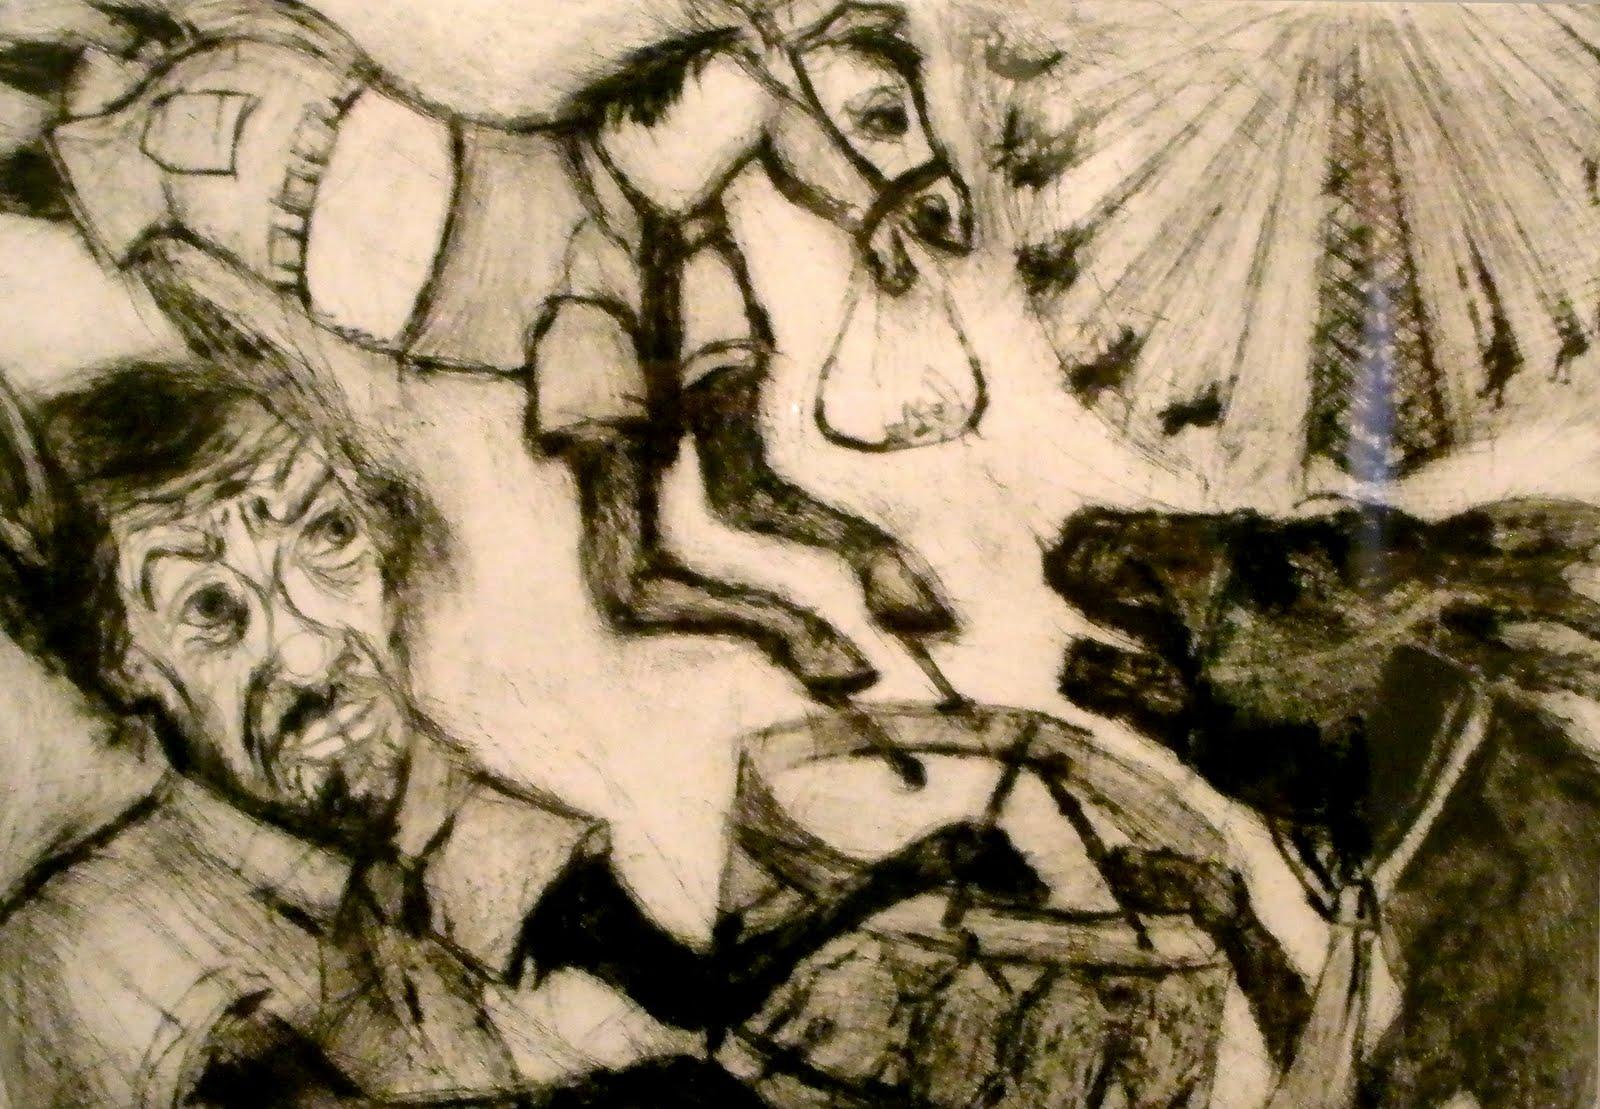 vista de unas de las obras que conforman El Pinocho